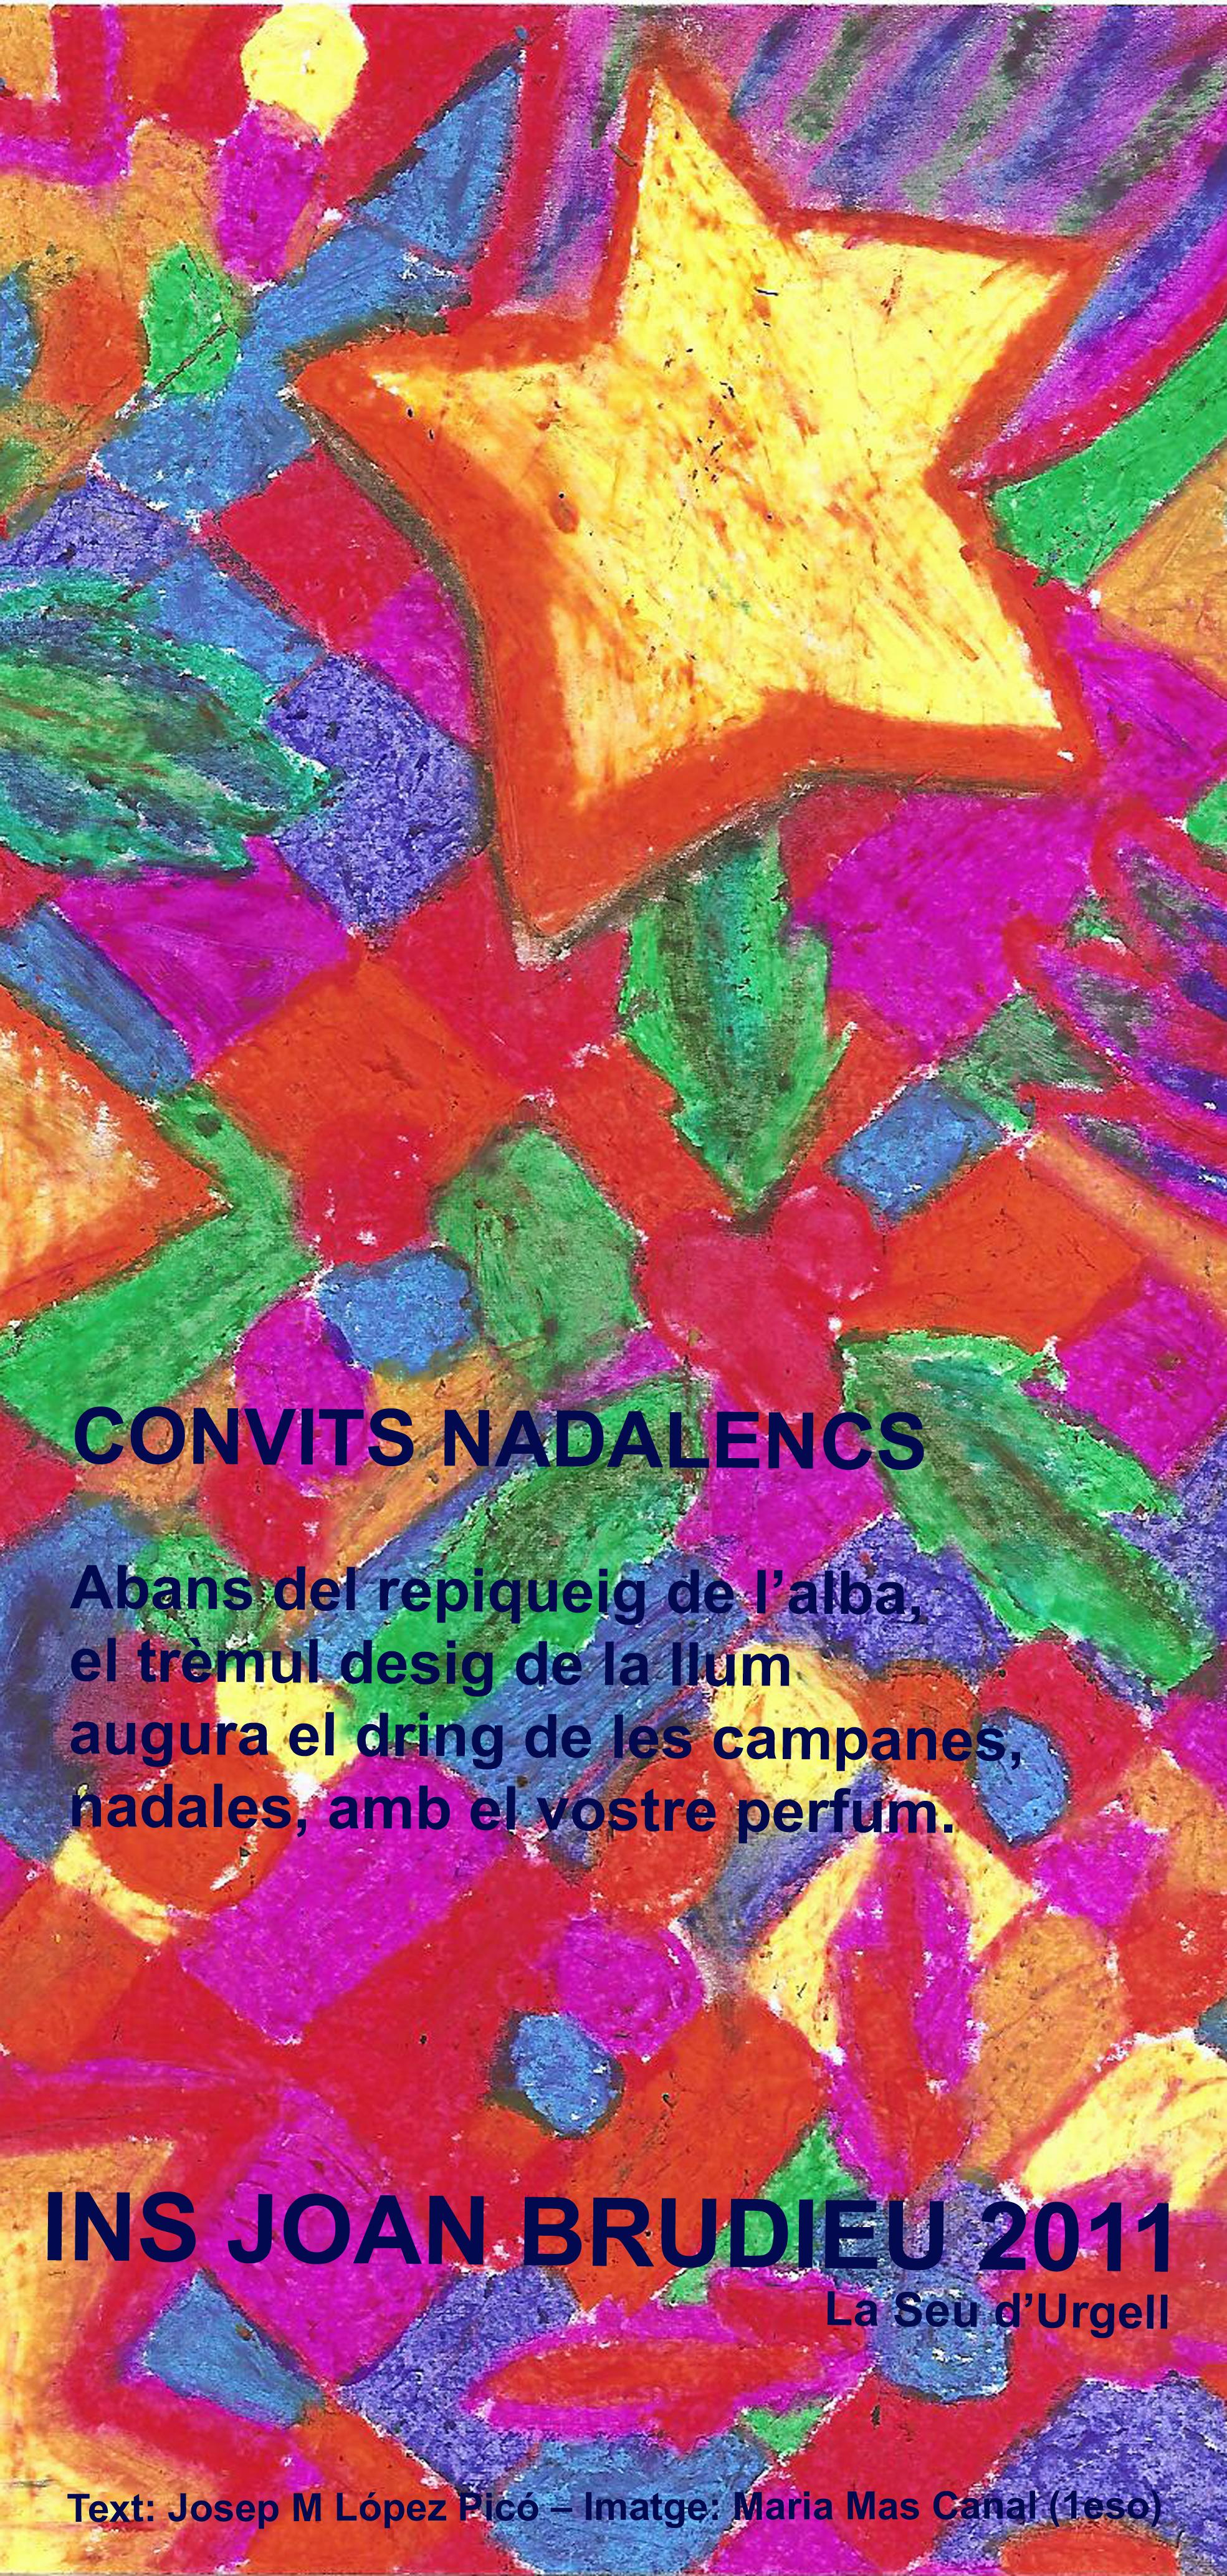 http://institutjoanbrudieu.cat/public/web_centre/html/documents/institut/curs/Nadala_2011_Institut_Joan_Brudieu.jpg